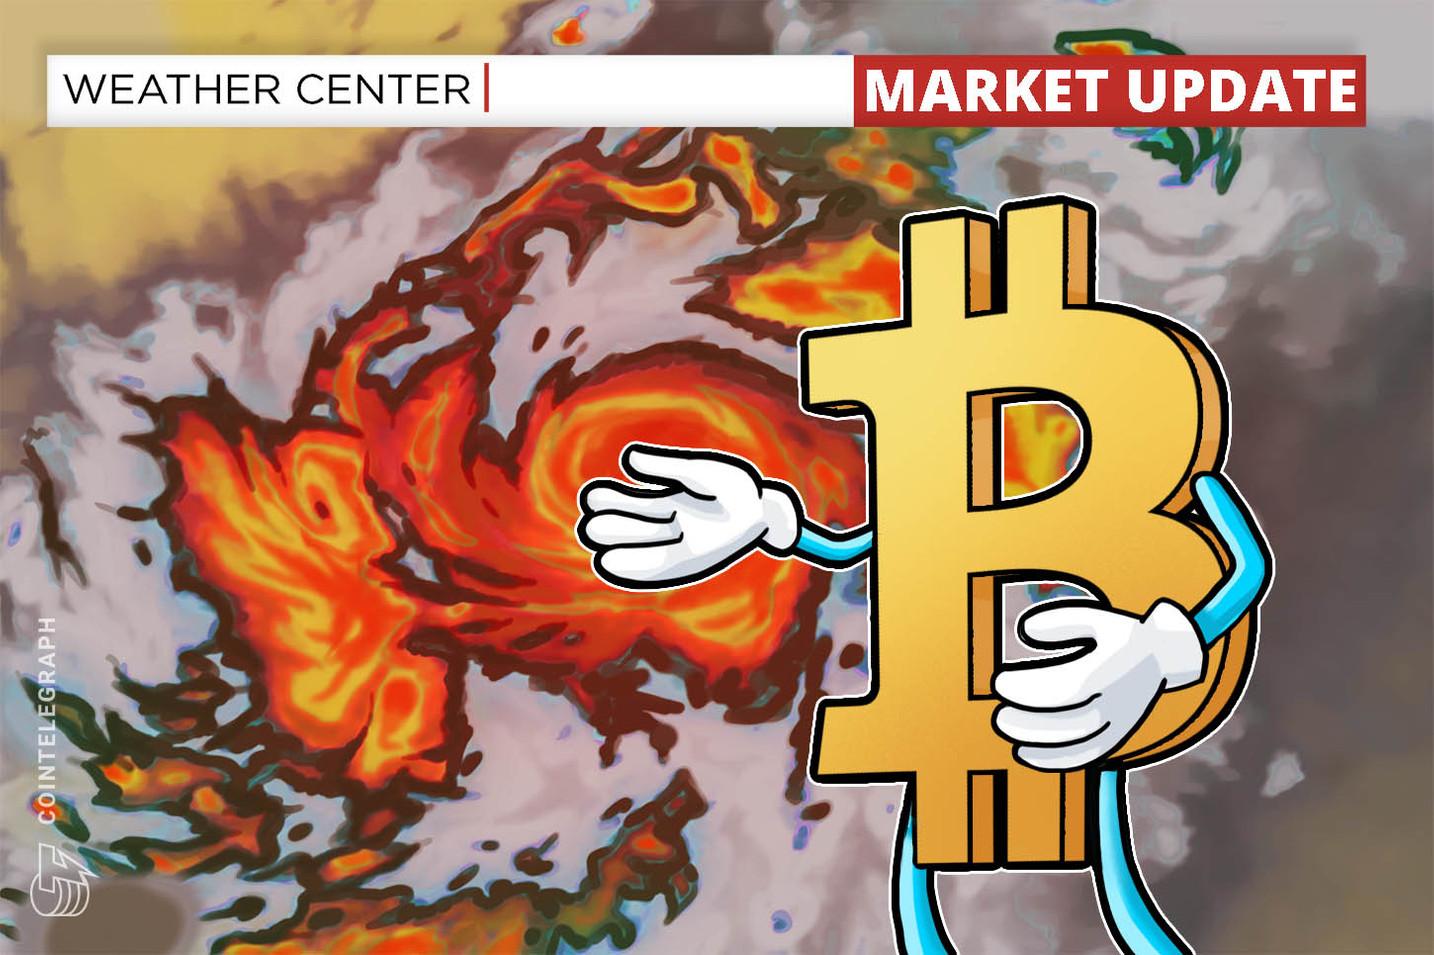 El precio de Bitcoin cae un 15% y la marca de USD 4,500 queda como soporte